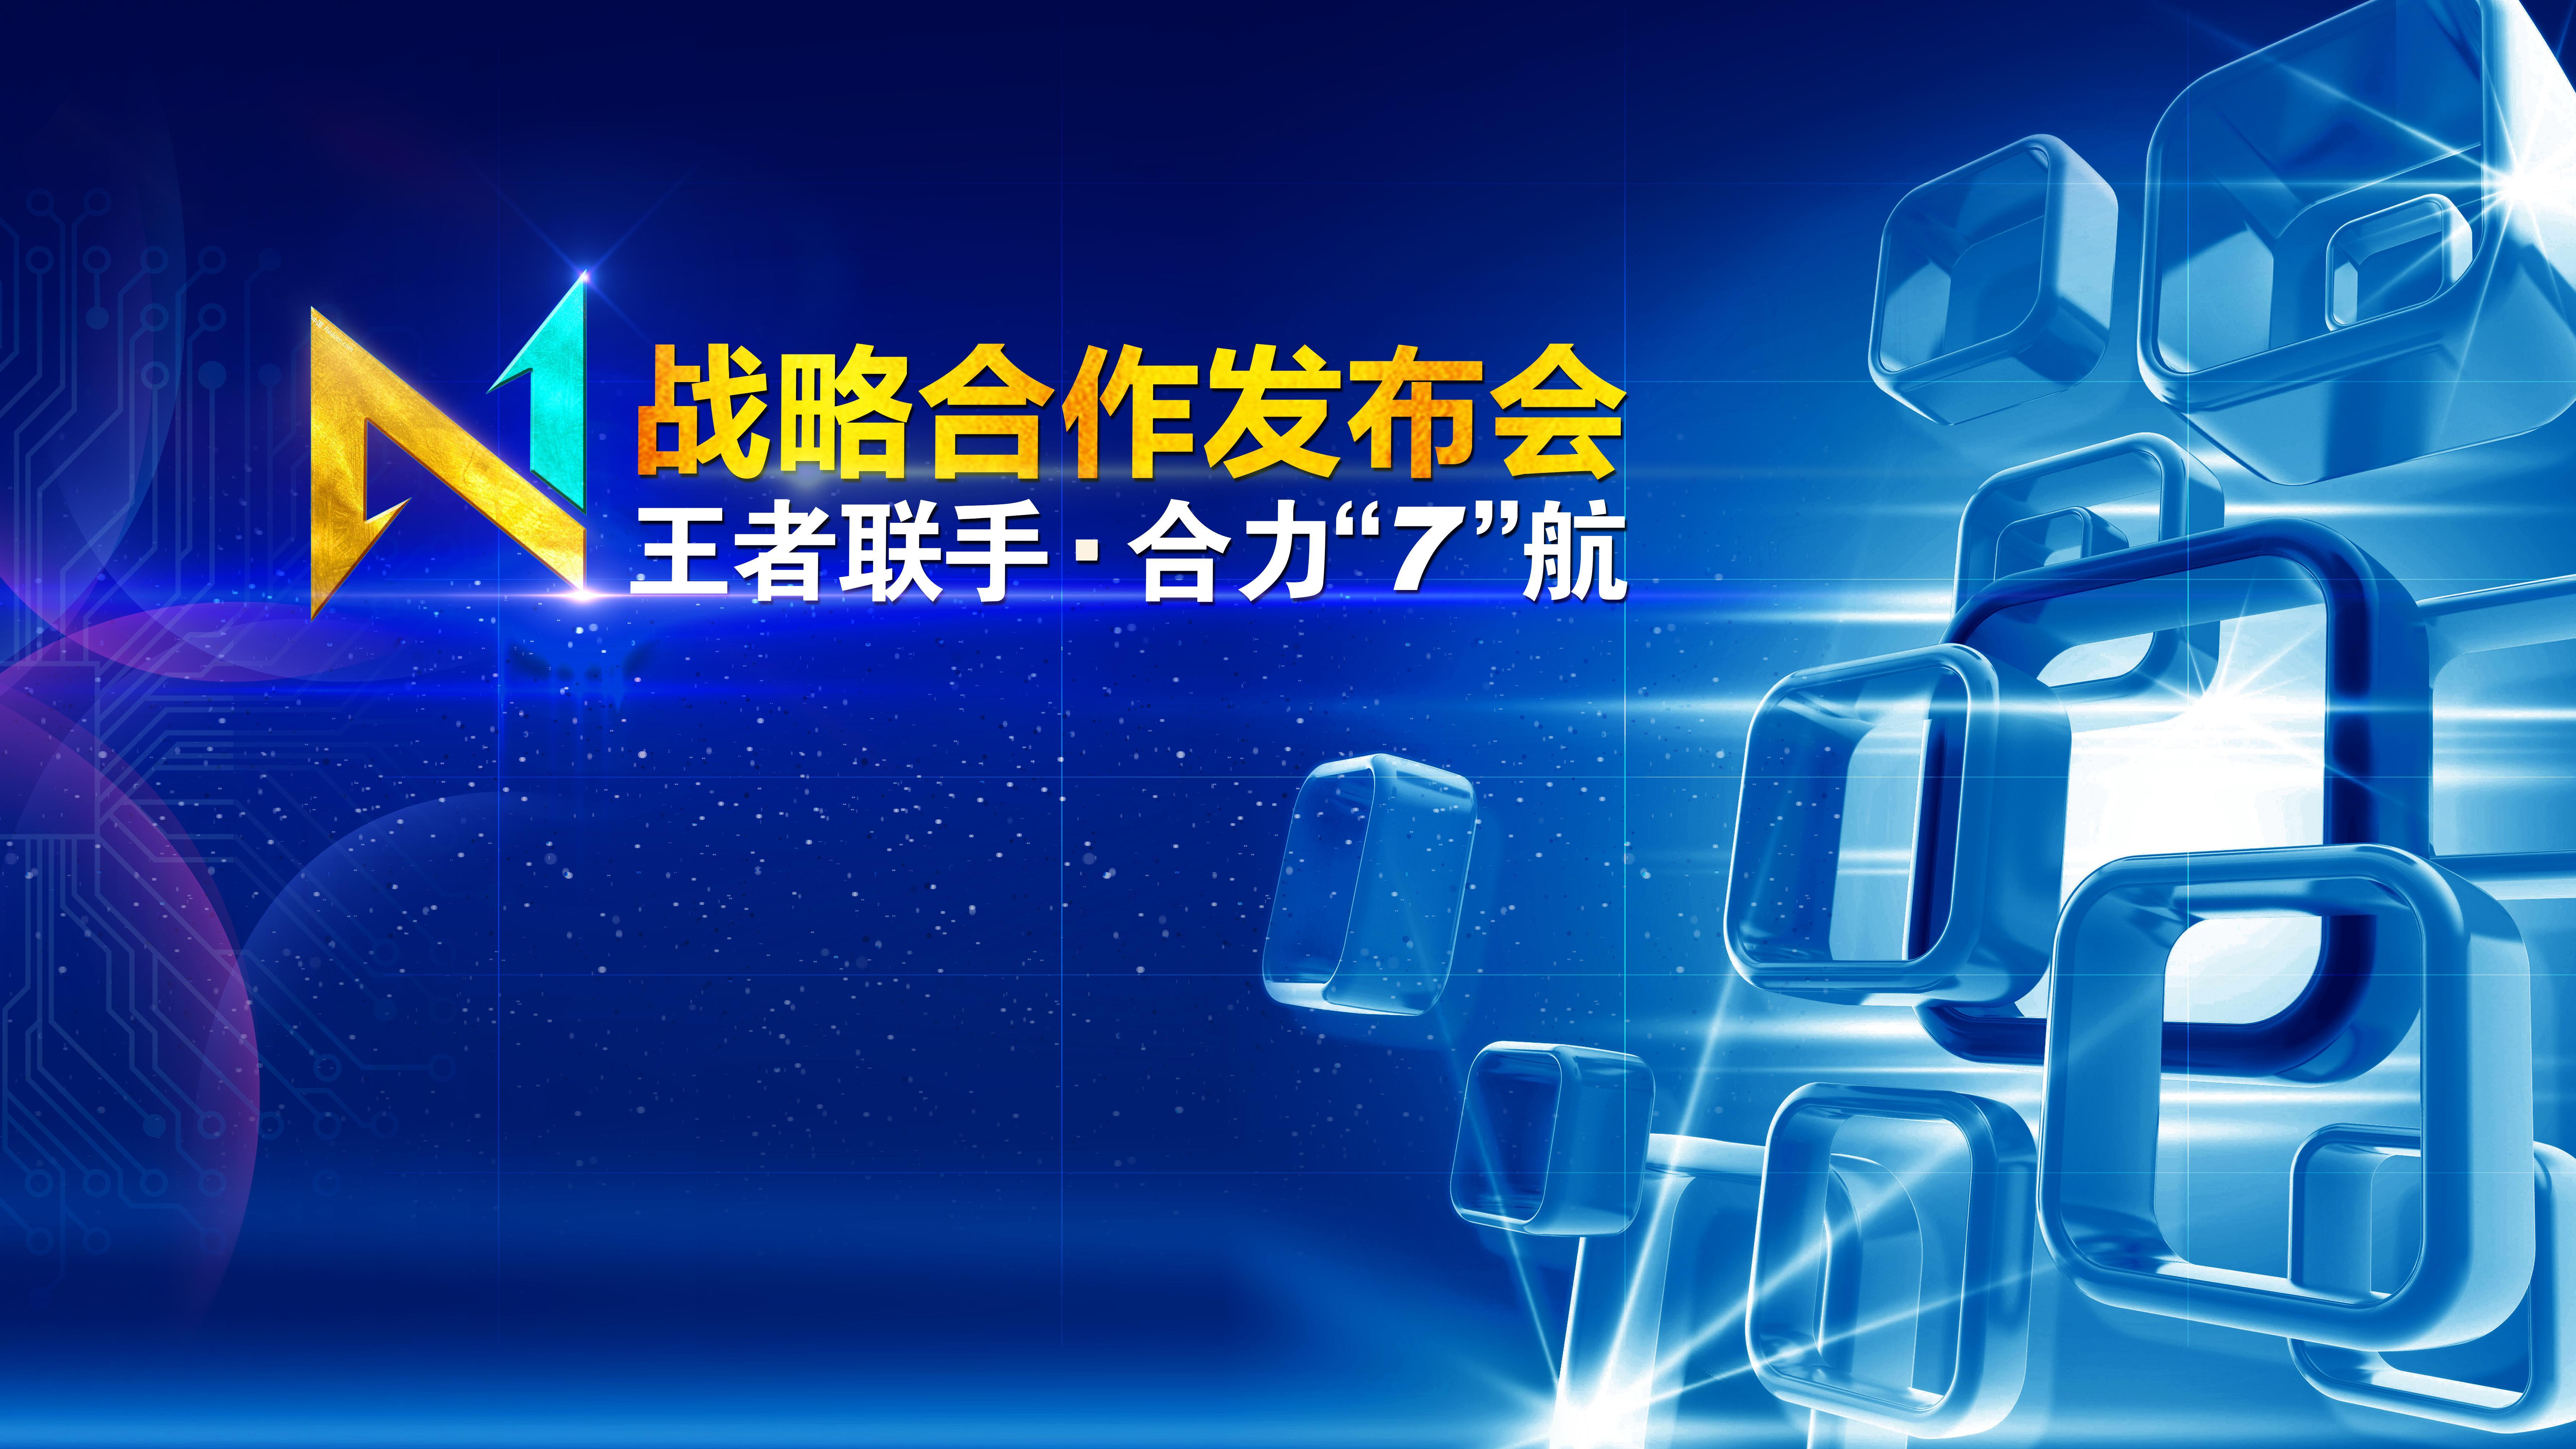 """37游戏召开""""N7""""战略合作发布会"""